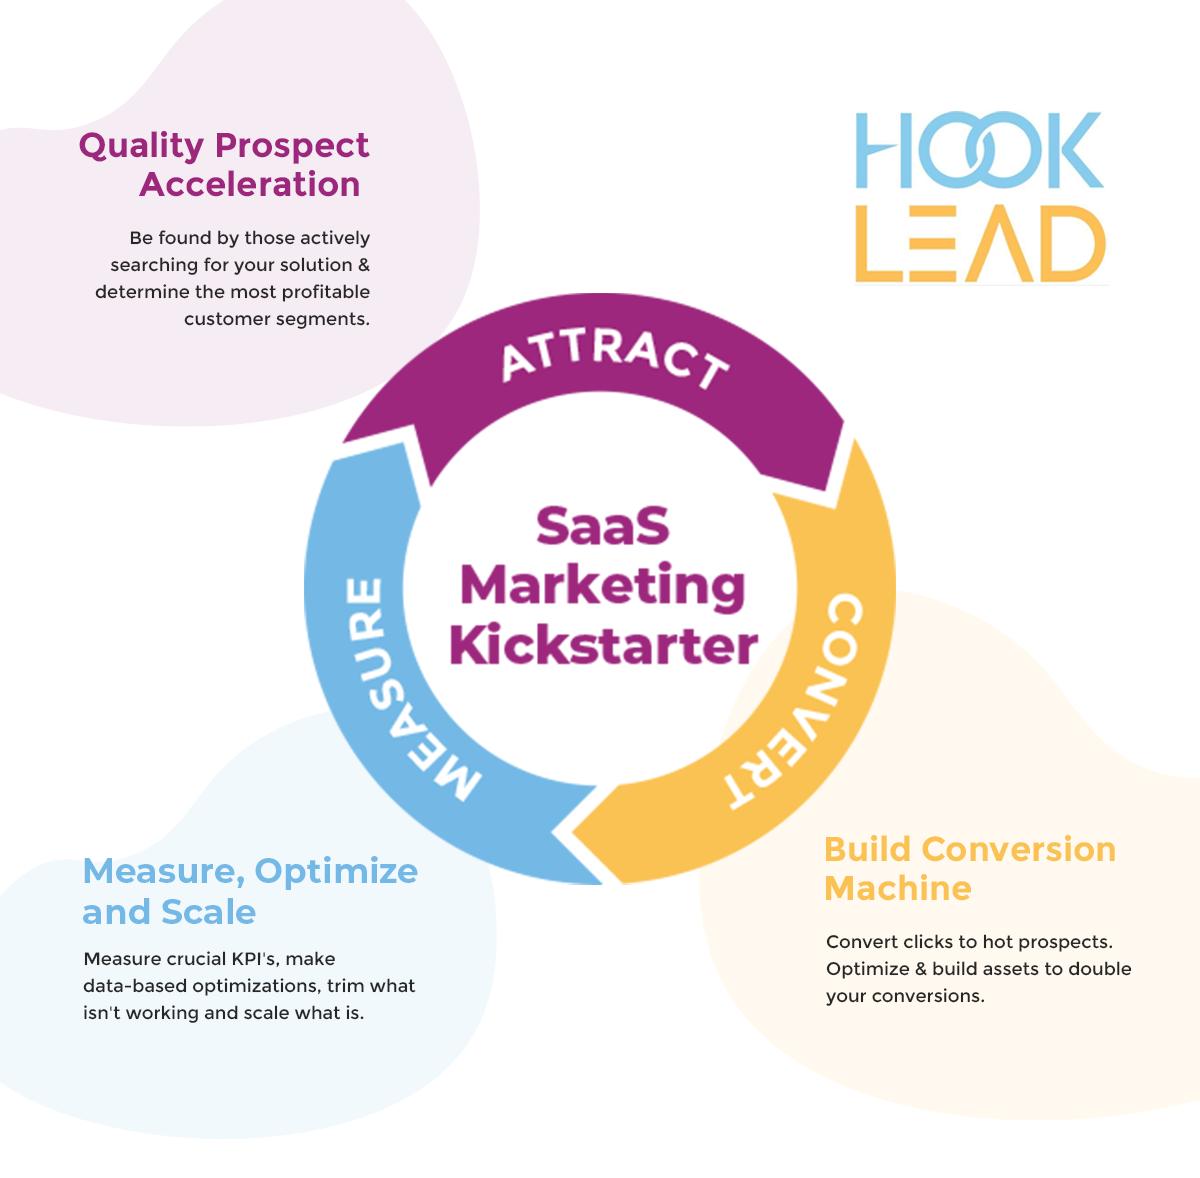 HookLead-Saas-Growth-Kickstarter-[31433]-5b